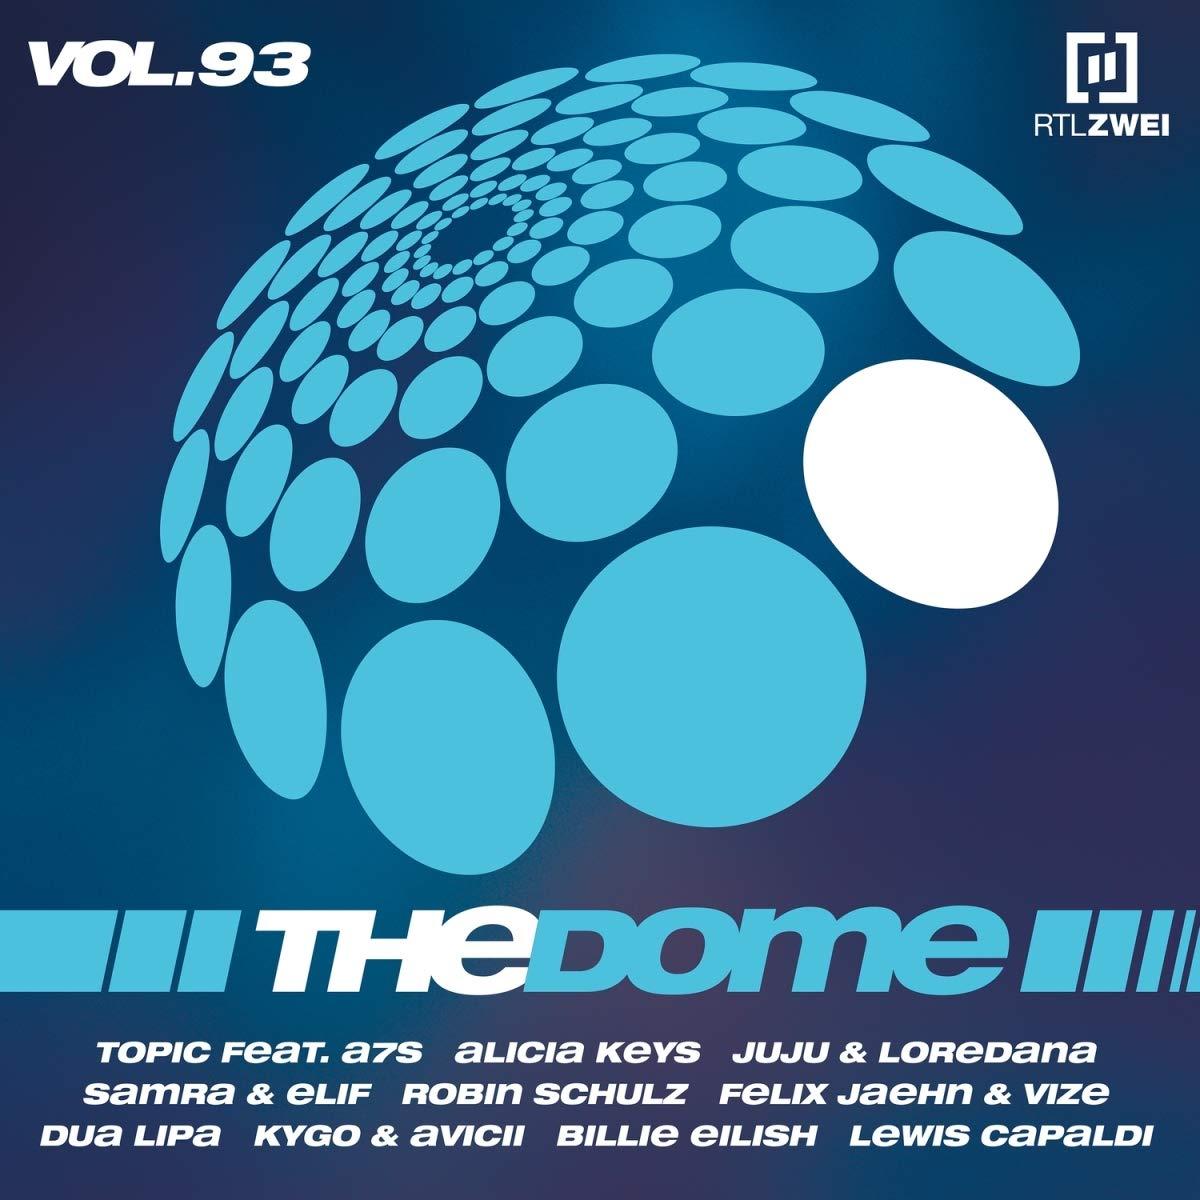 VA - The Dome Vol.93<br>The Dome Vol. 93 (2020) [FLAC] Download